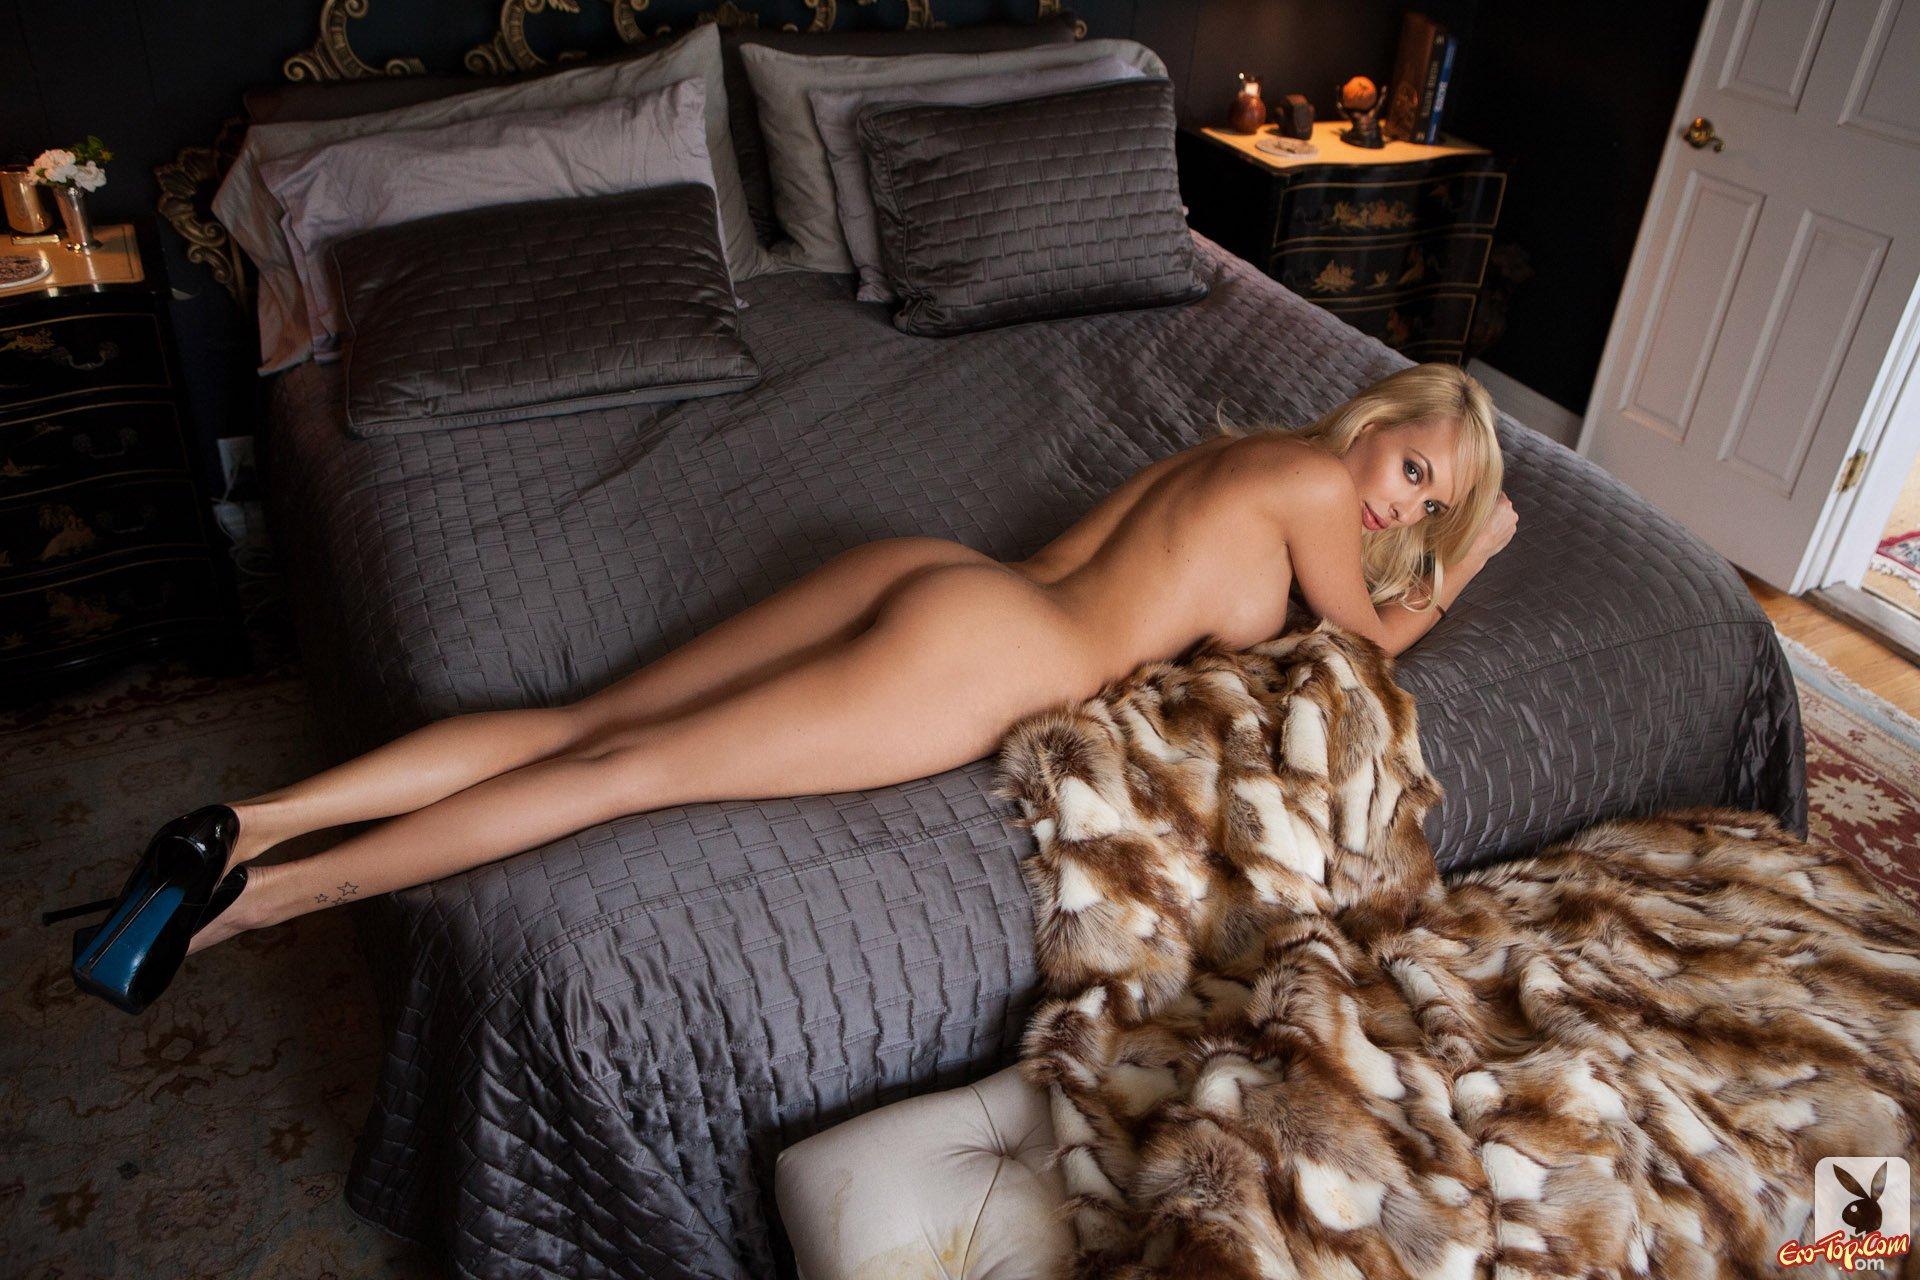 Порно скачать  Секс видео ролики фото женщин порно рассказы